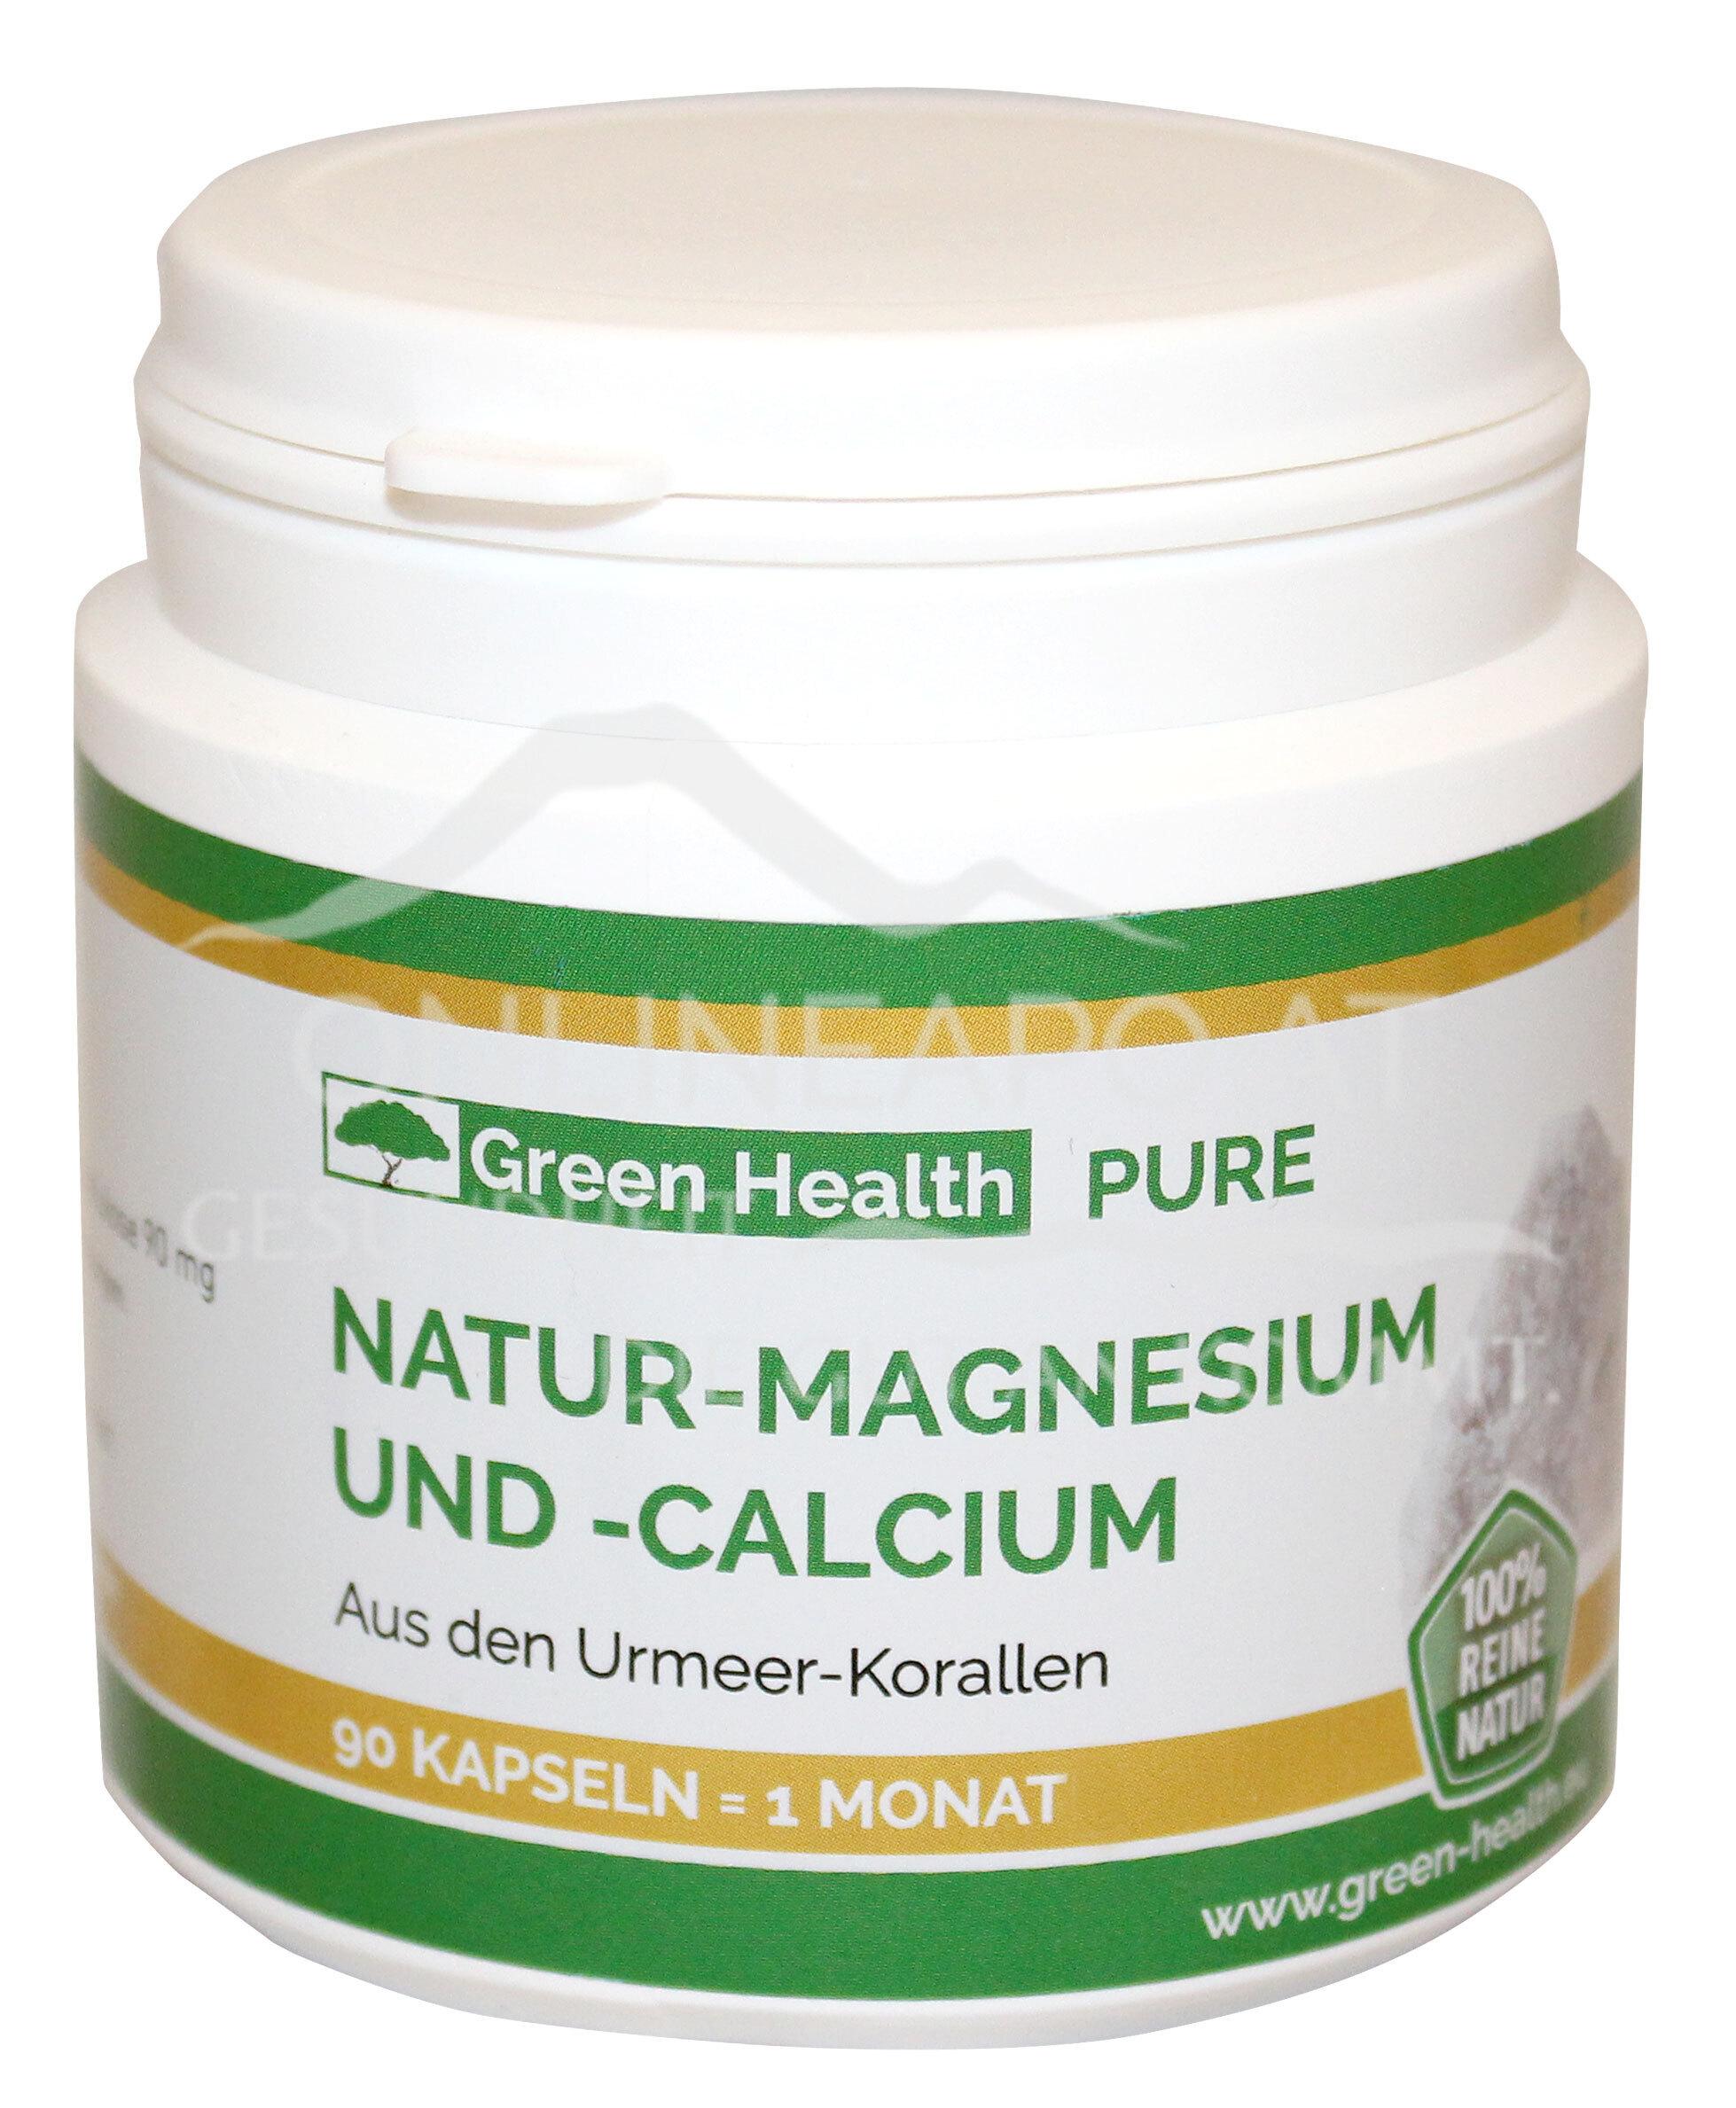 Green Health PURE Natur-Magnesium und -Calcium